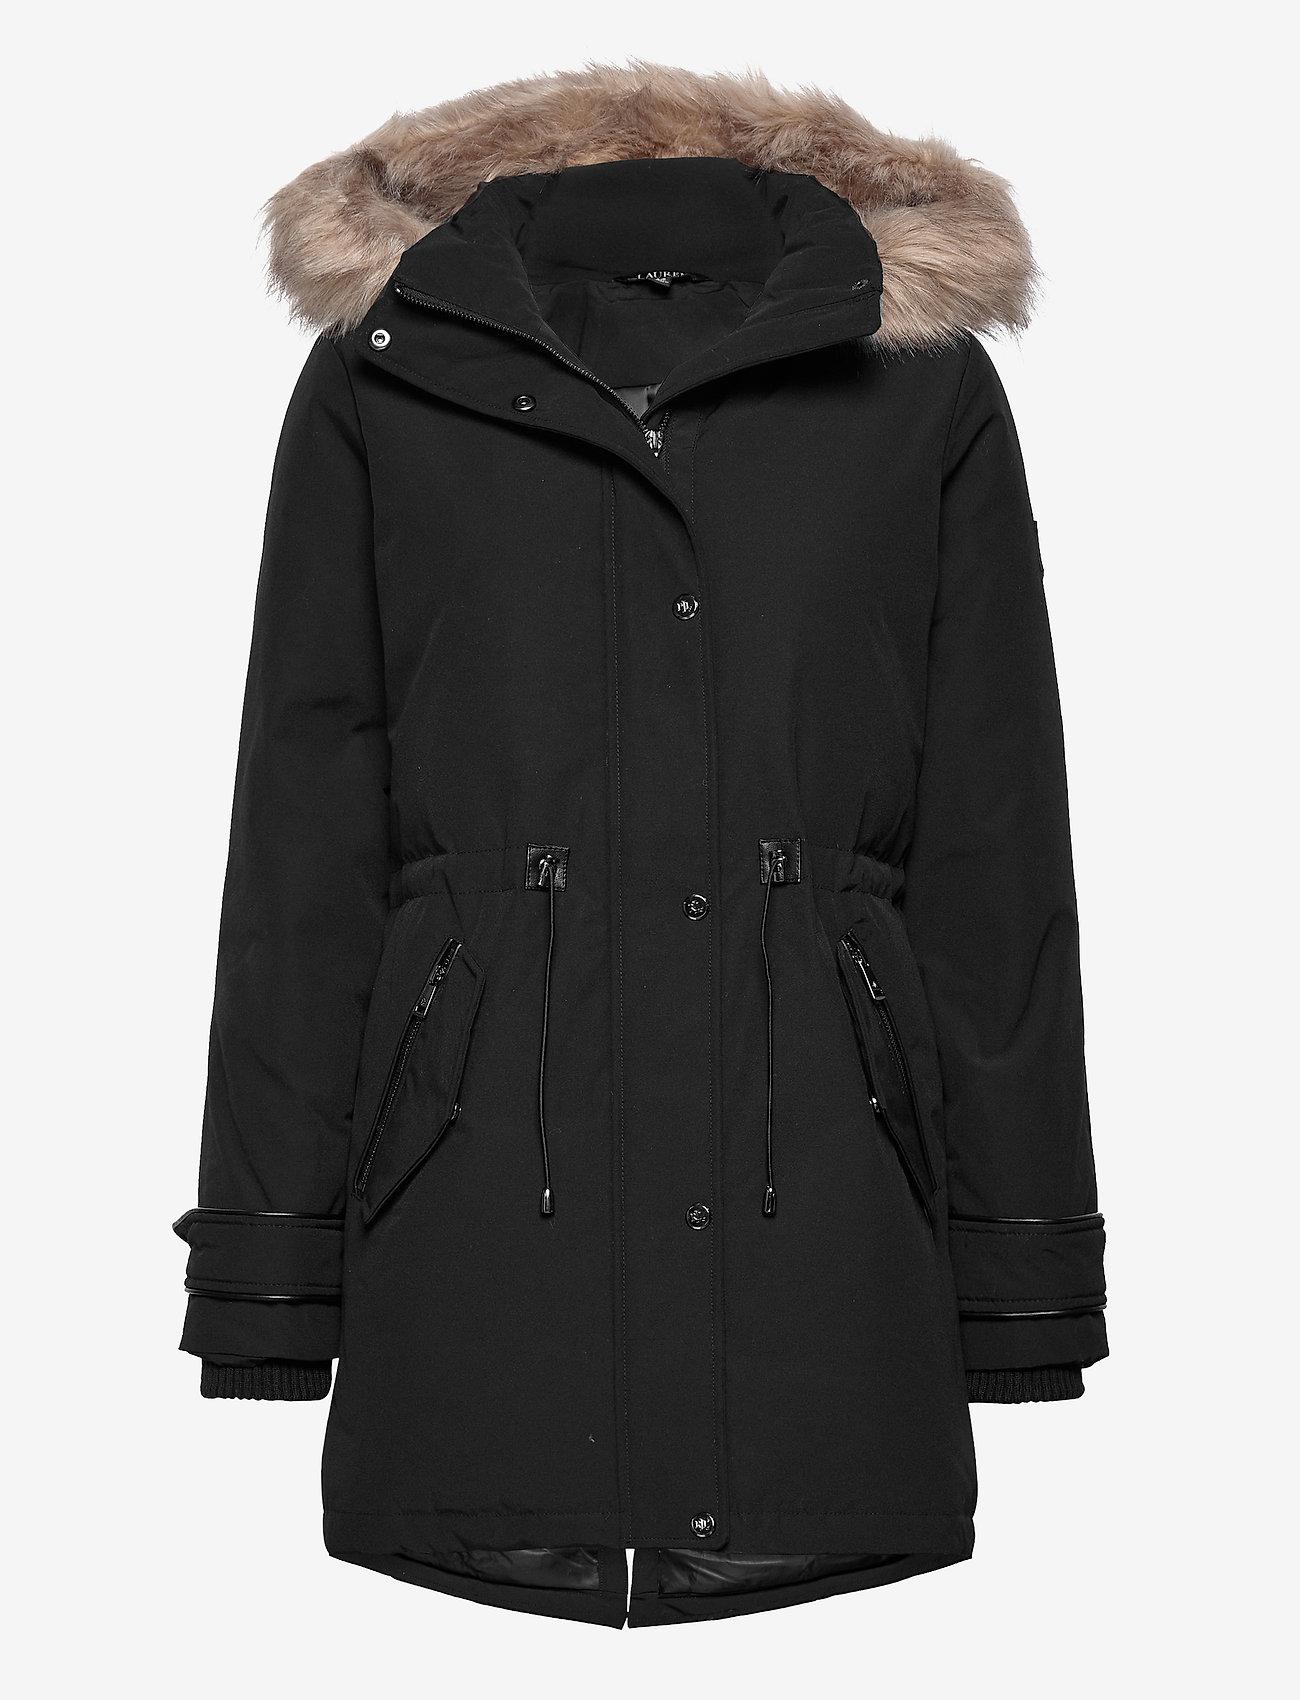 Lauren Ralph Lauren - Hooded Parka Coat - parkacoats - black - 1